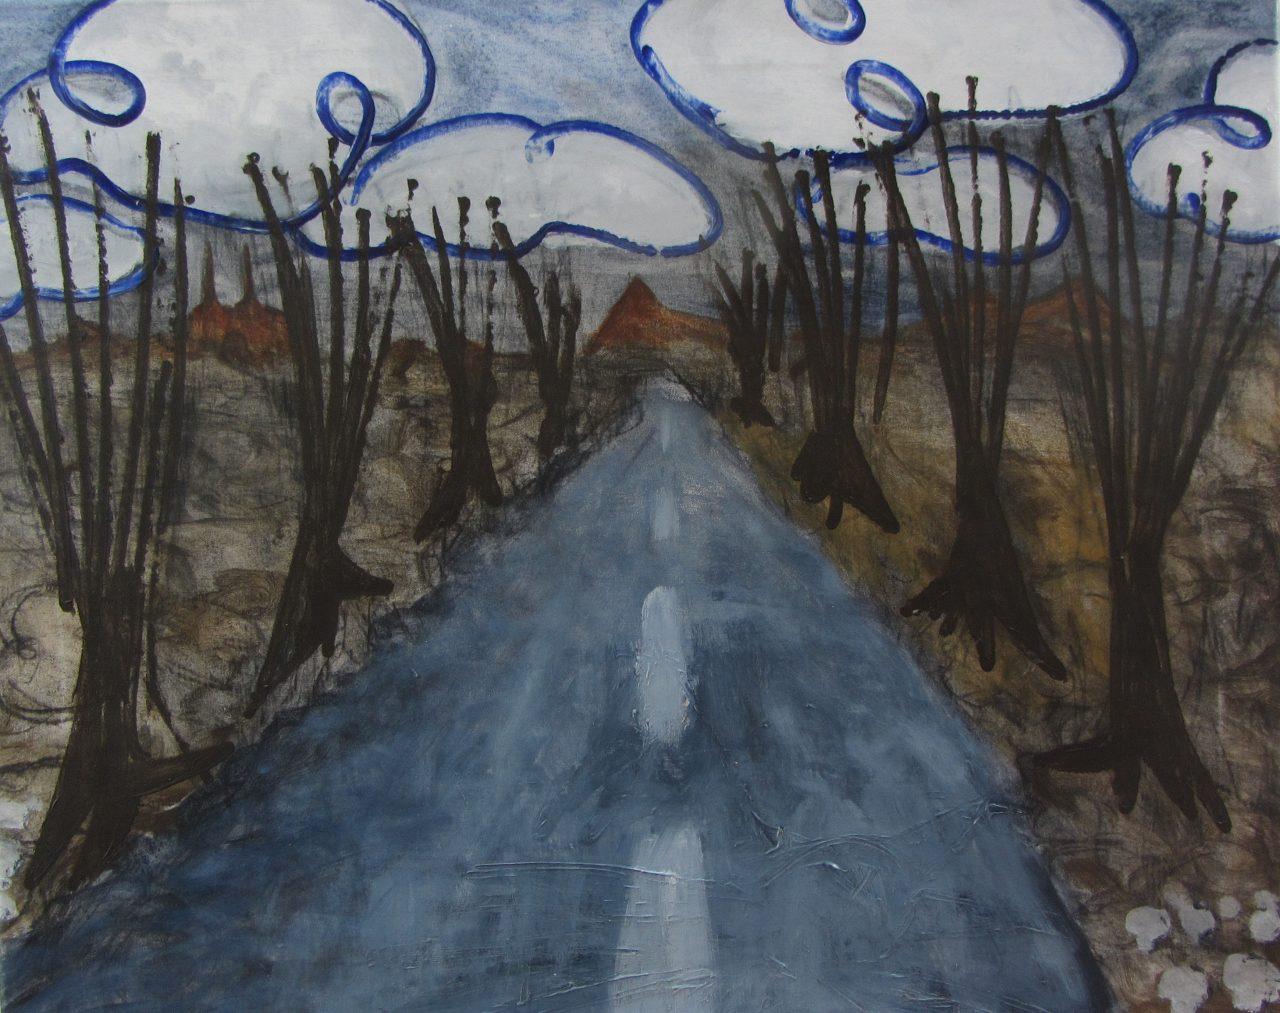 Ledreborg Allé, af Henrik Bruun, akryl på lærred, 56 x 70, 2015